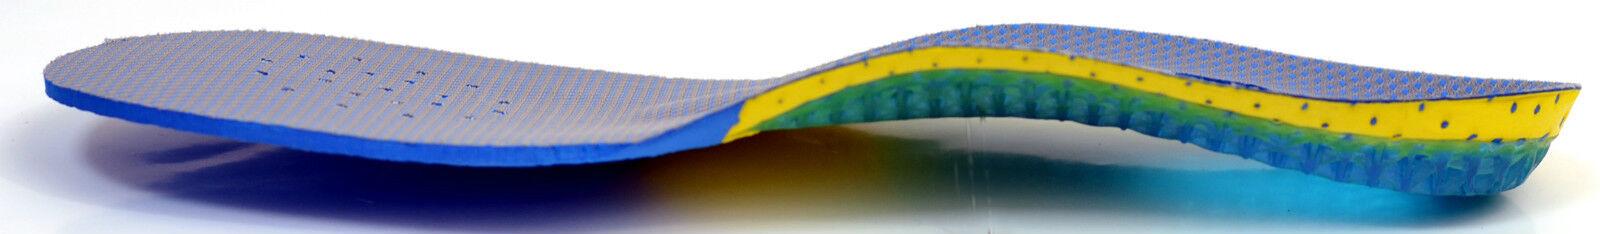 5 Paar neu Einlegesohlen Sporteinlagen Gel Fußbett neu Paar comfort Schuheinlage Insoles d1beca